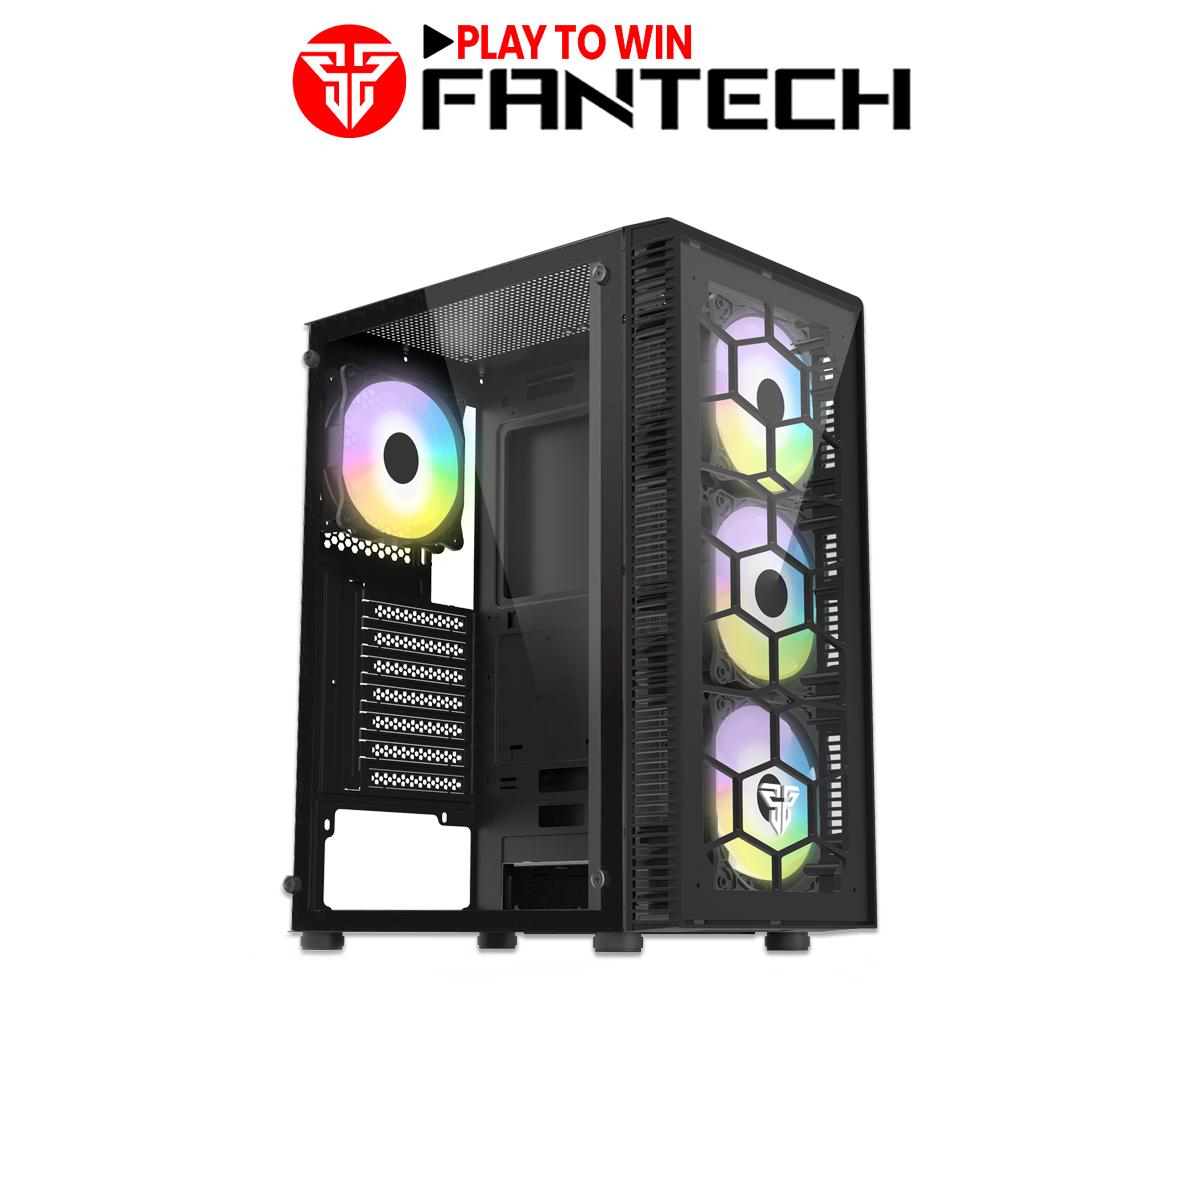 Vỏ Case Máy Tính Mặt Bên Kính Cường Lực FANTECH CG73 HEXA Tặng Kèm 4 Quạt LED RGB – Hãng Phân Phối Chính Thức